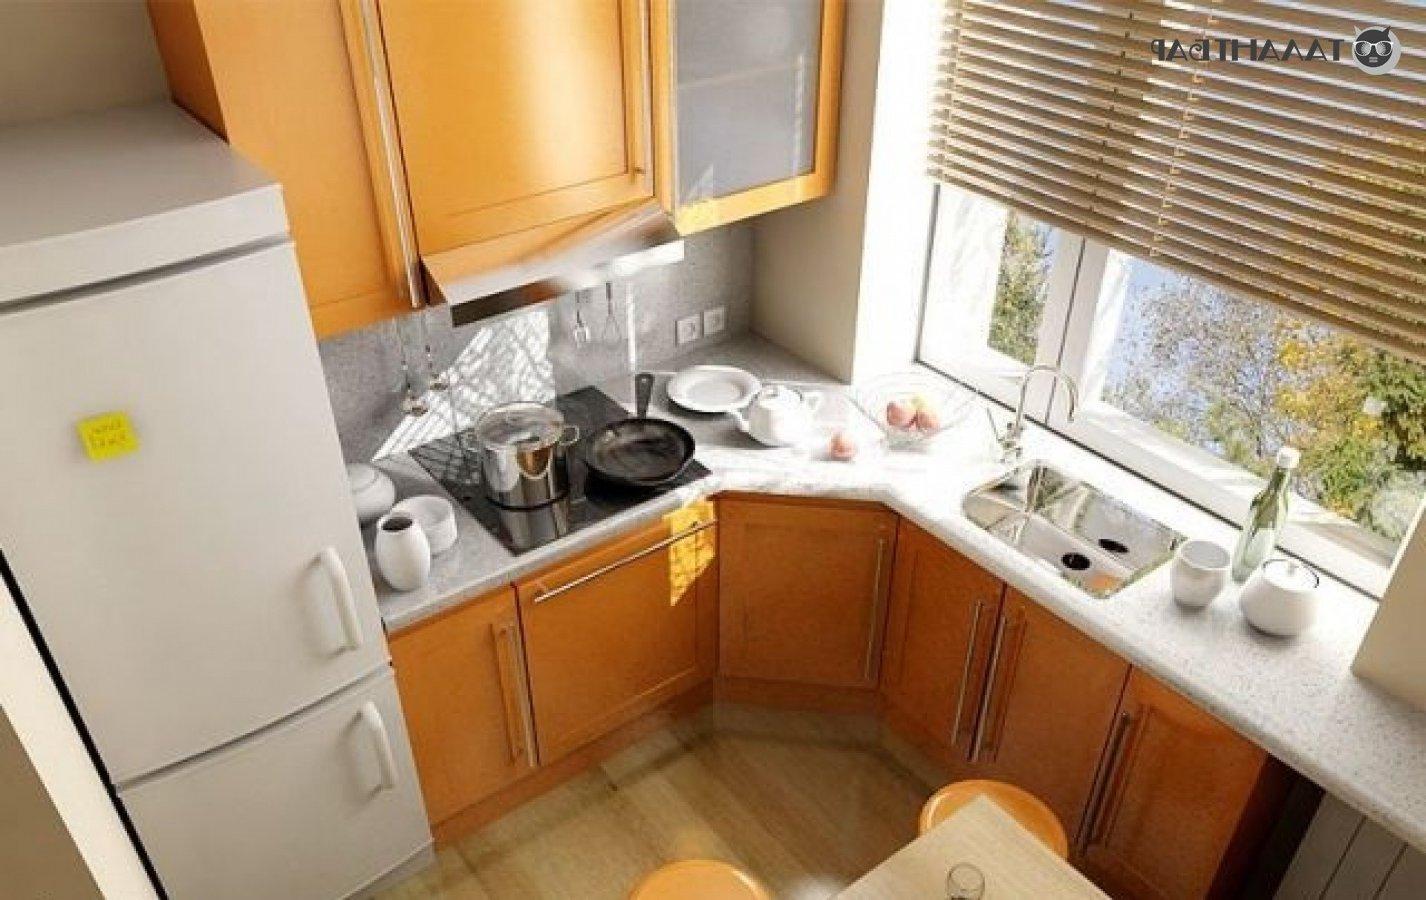 Ремонт кухни в хрущевке недорого своими руками7